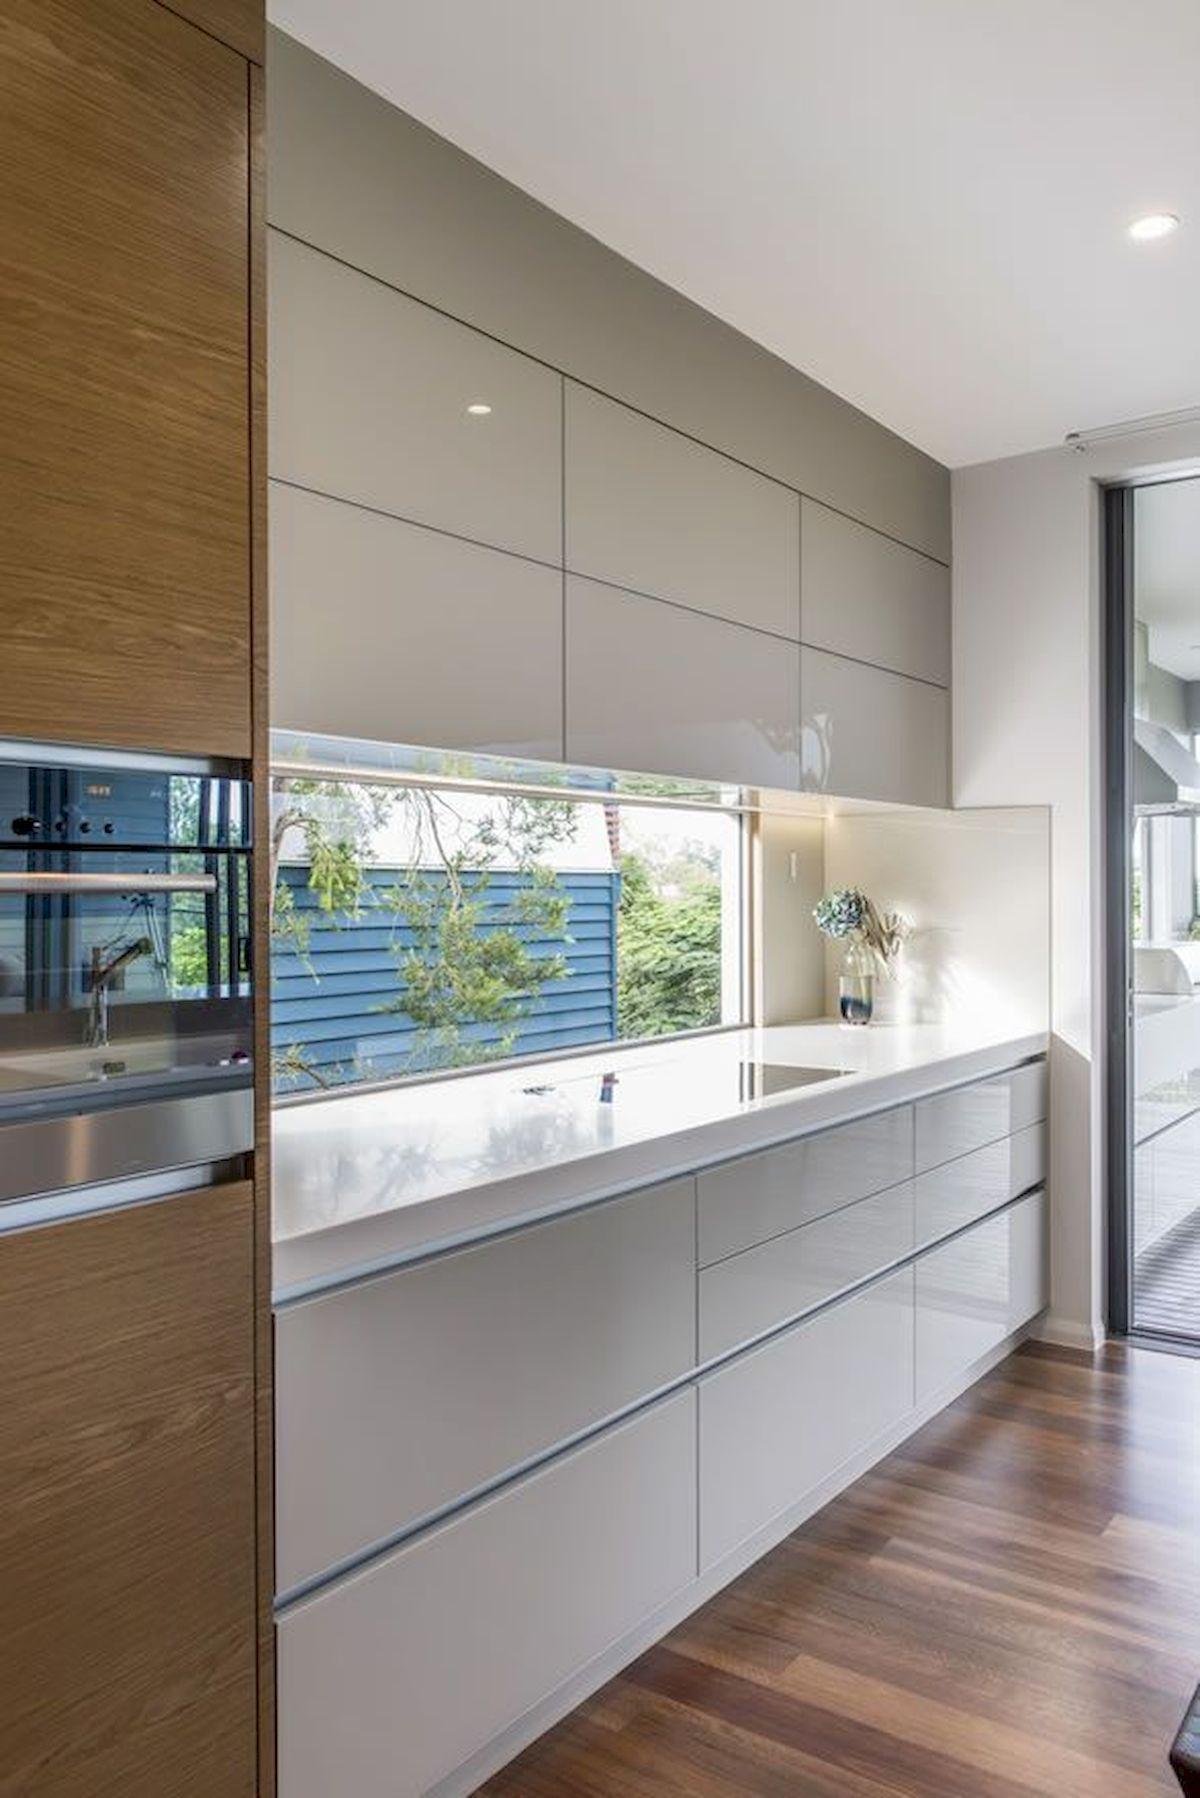 Kitchen Windows in 2020 | Modern kitchen design ...